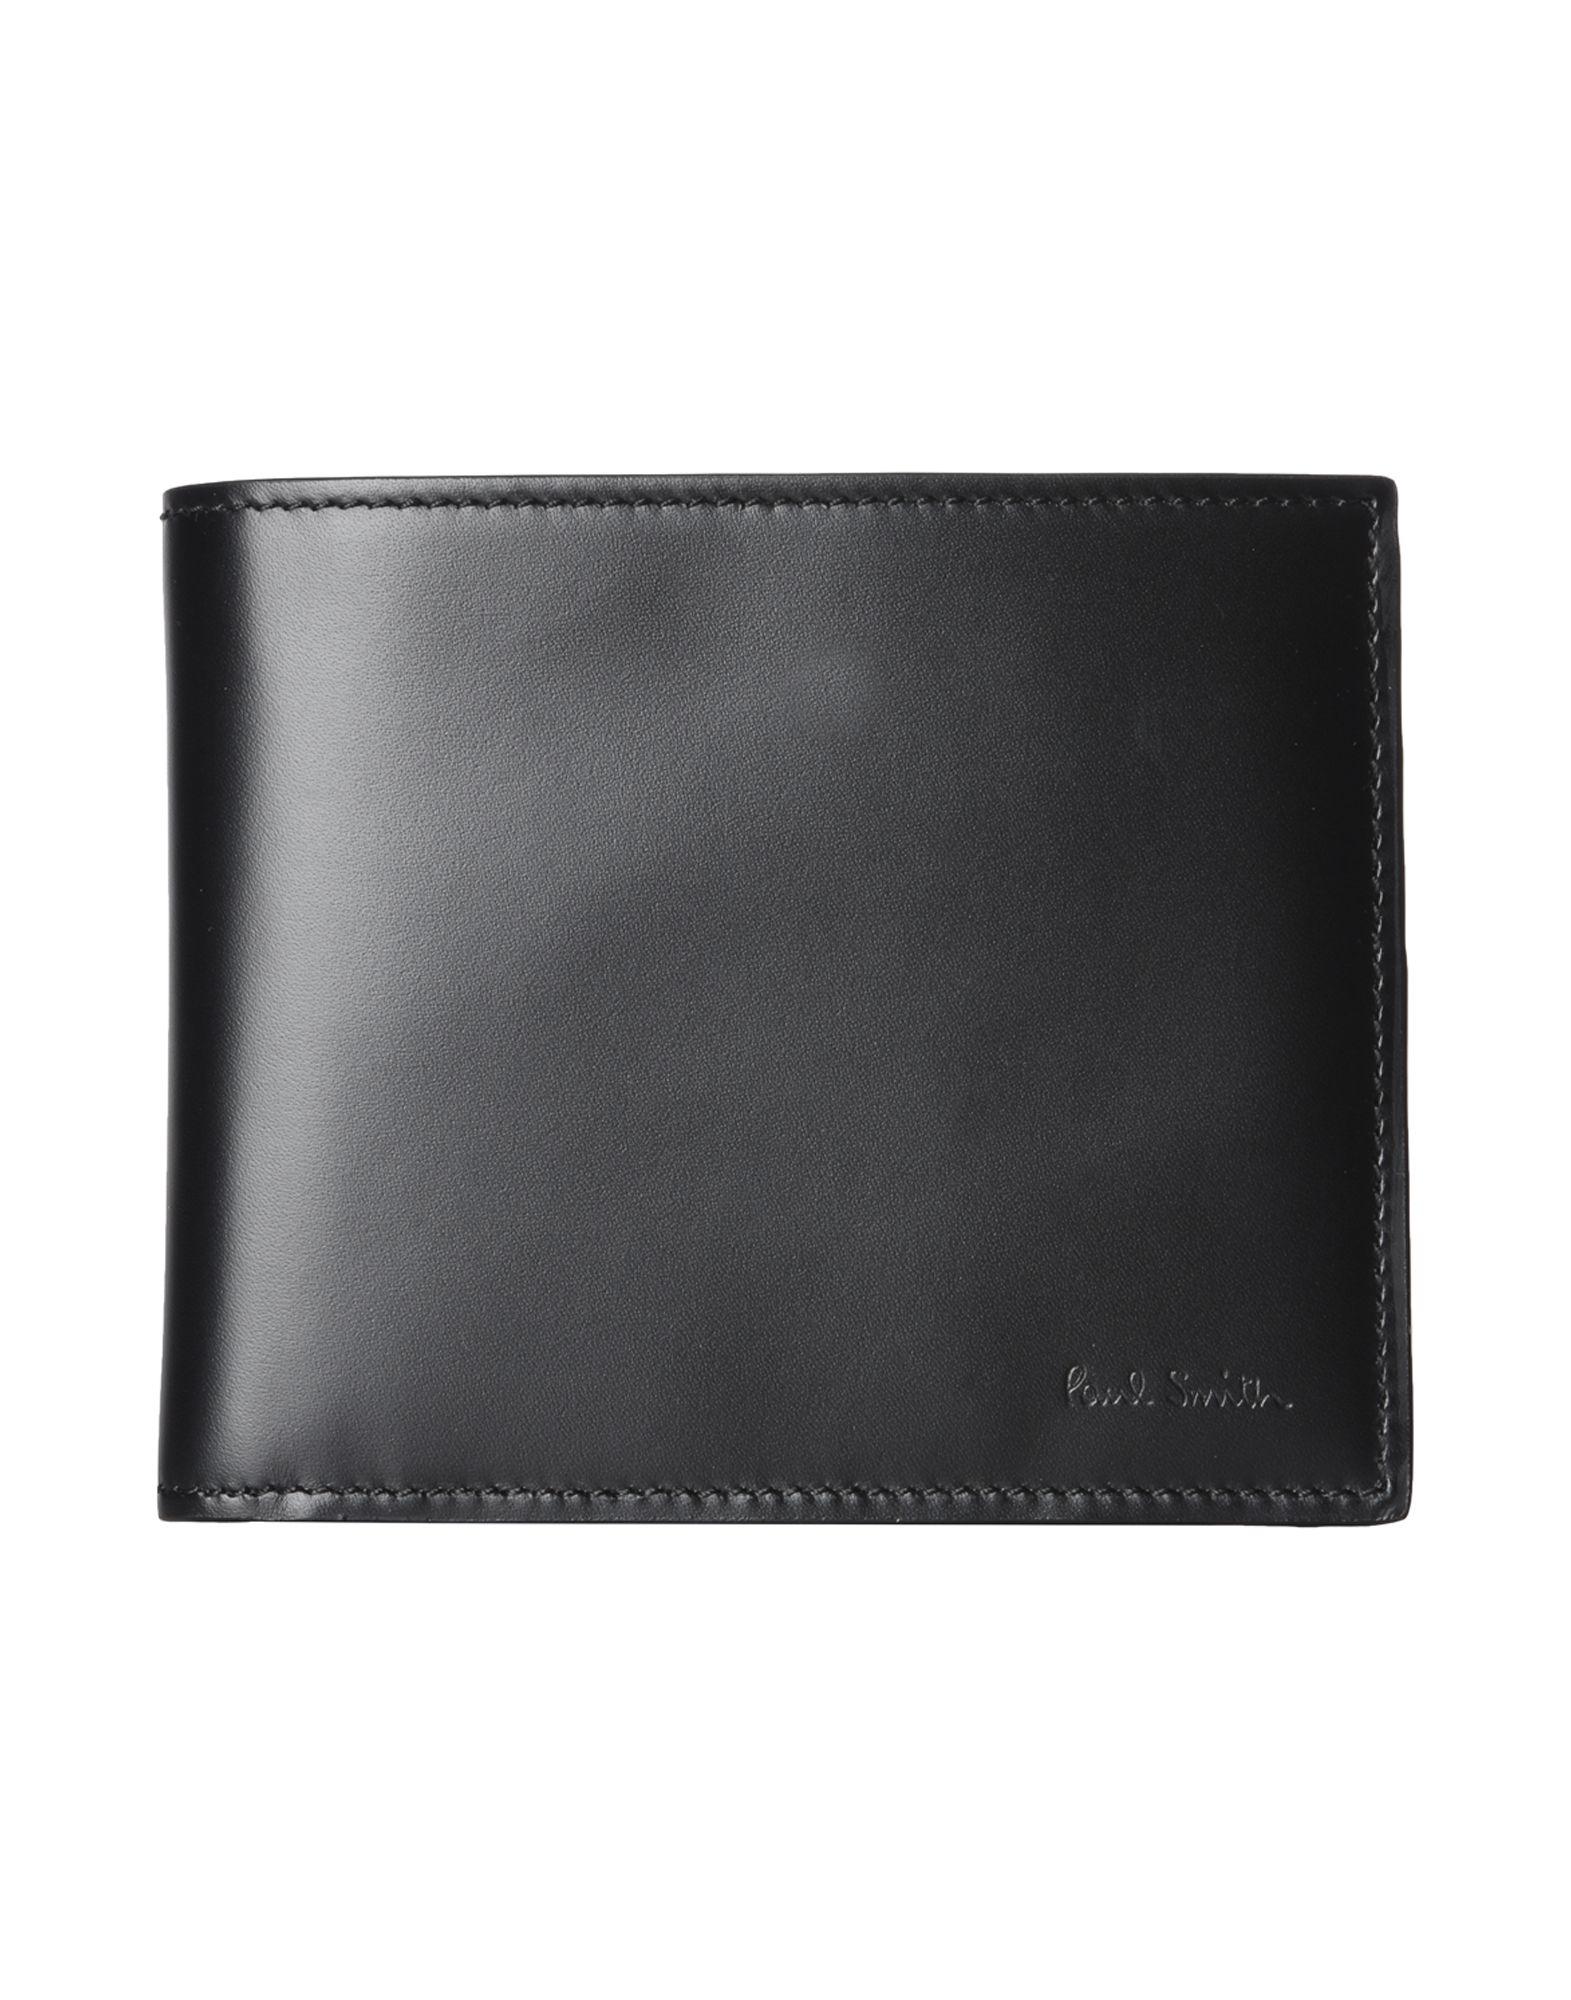 メンズ PAUL SMITH MEN WALLET BFOLD MINI 財布  ブラック